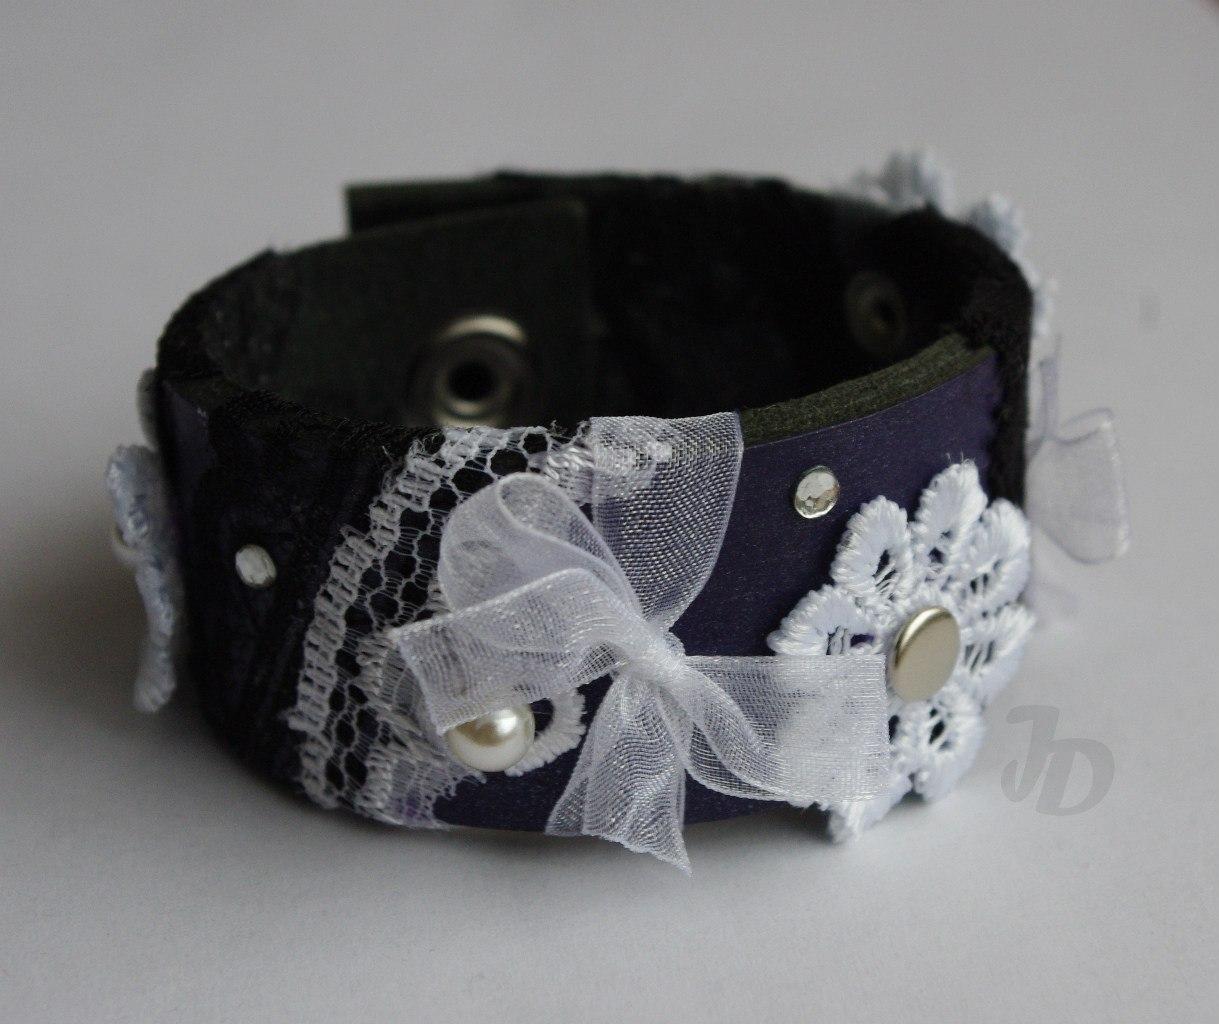 Кожаный браслет №94 - кожа, кружево, ленты, стразы, бусины